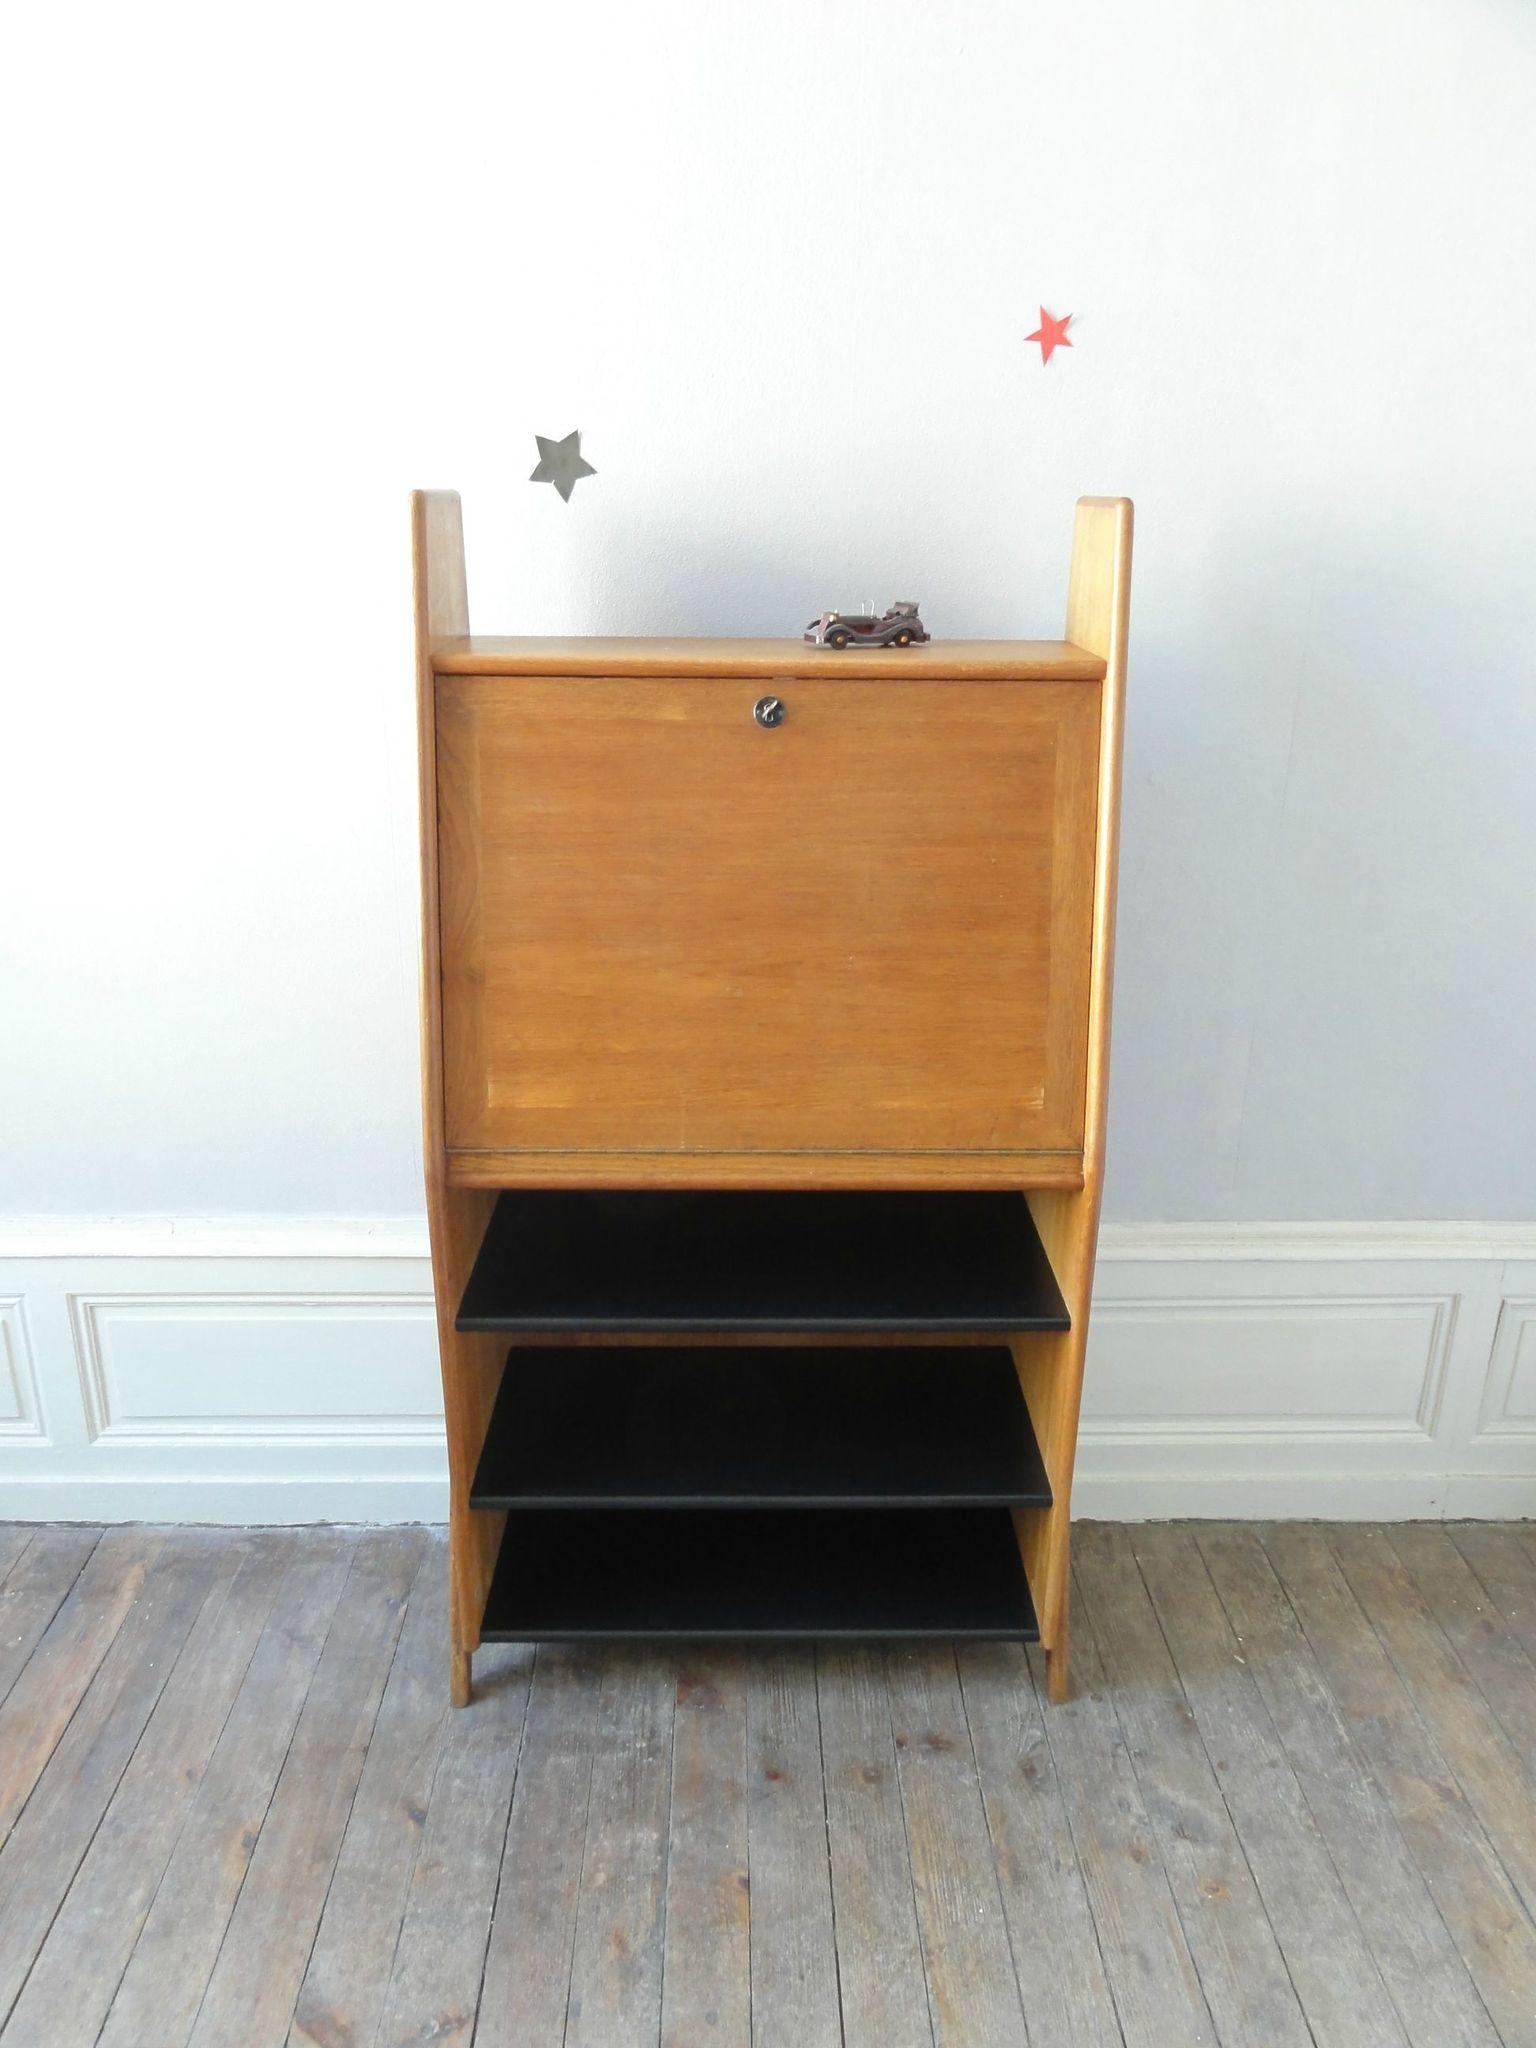 fauteuils chez helline meubles meuble hifi royal oak l with meubles awesome. Black Bedroom Furniture Sets. Home Design Ideas